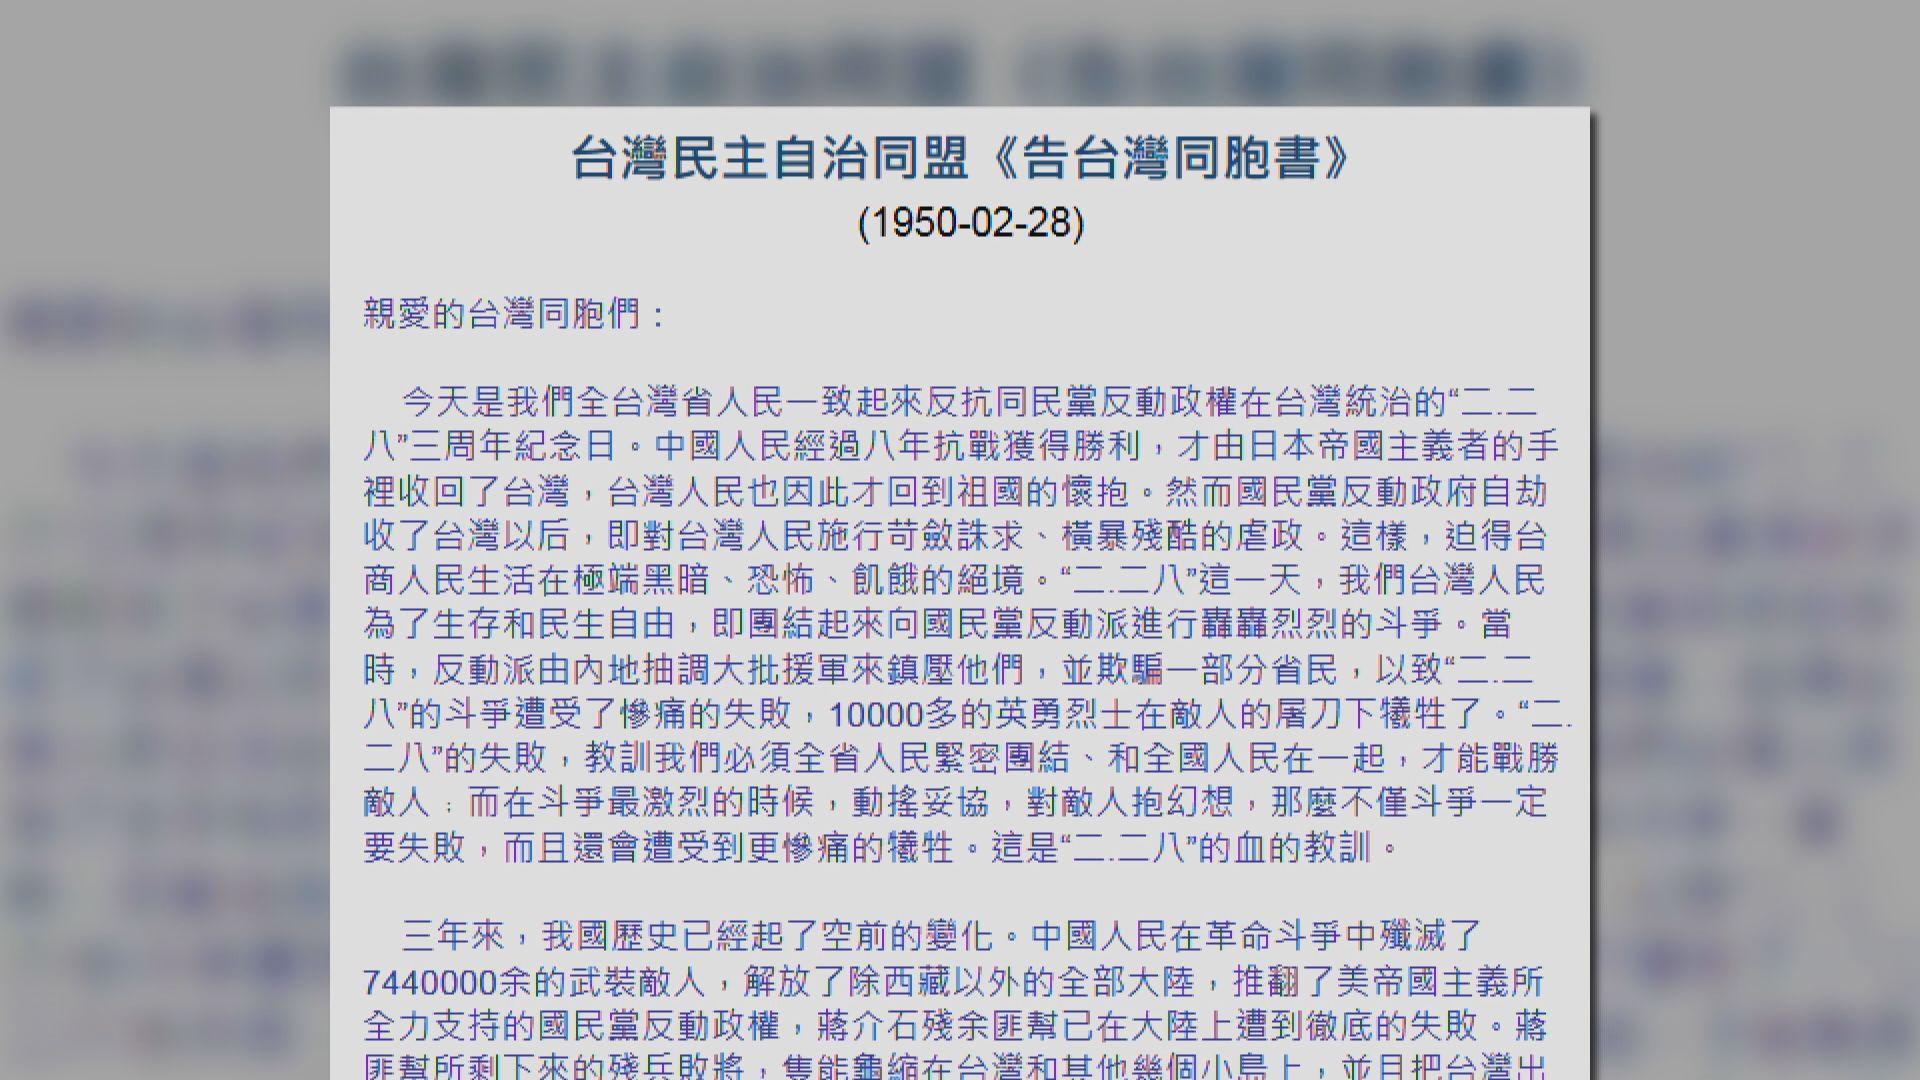 大陸五次發表《告台灣同胞書》